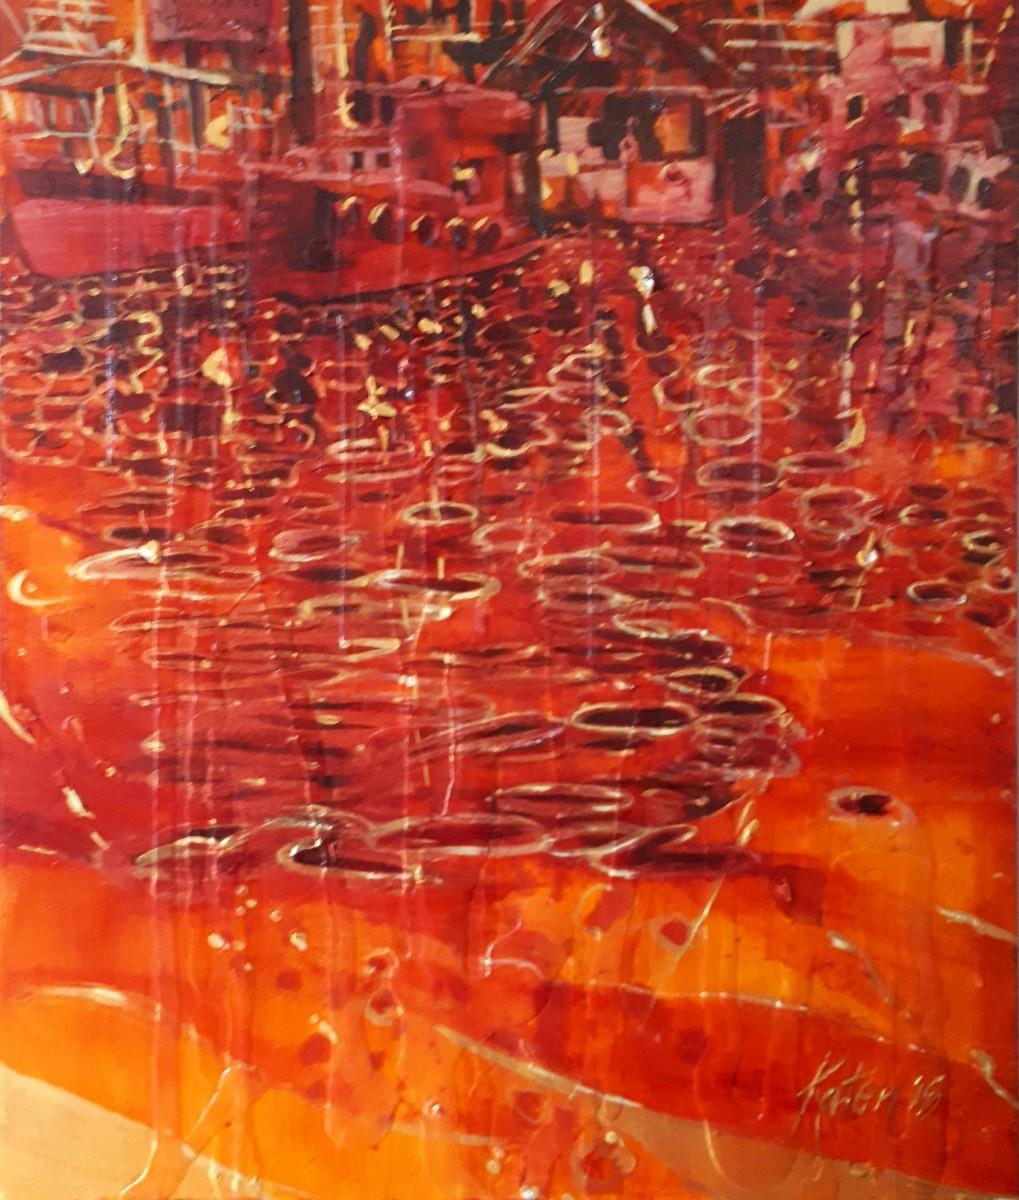 Granville Island Rain (Acrylic On Canvas (24 x 20 x 1.5 in) by Kathleen Tonnesen.